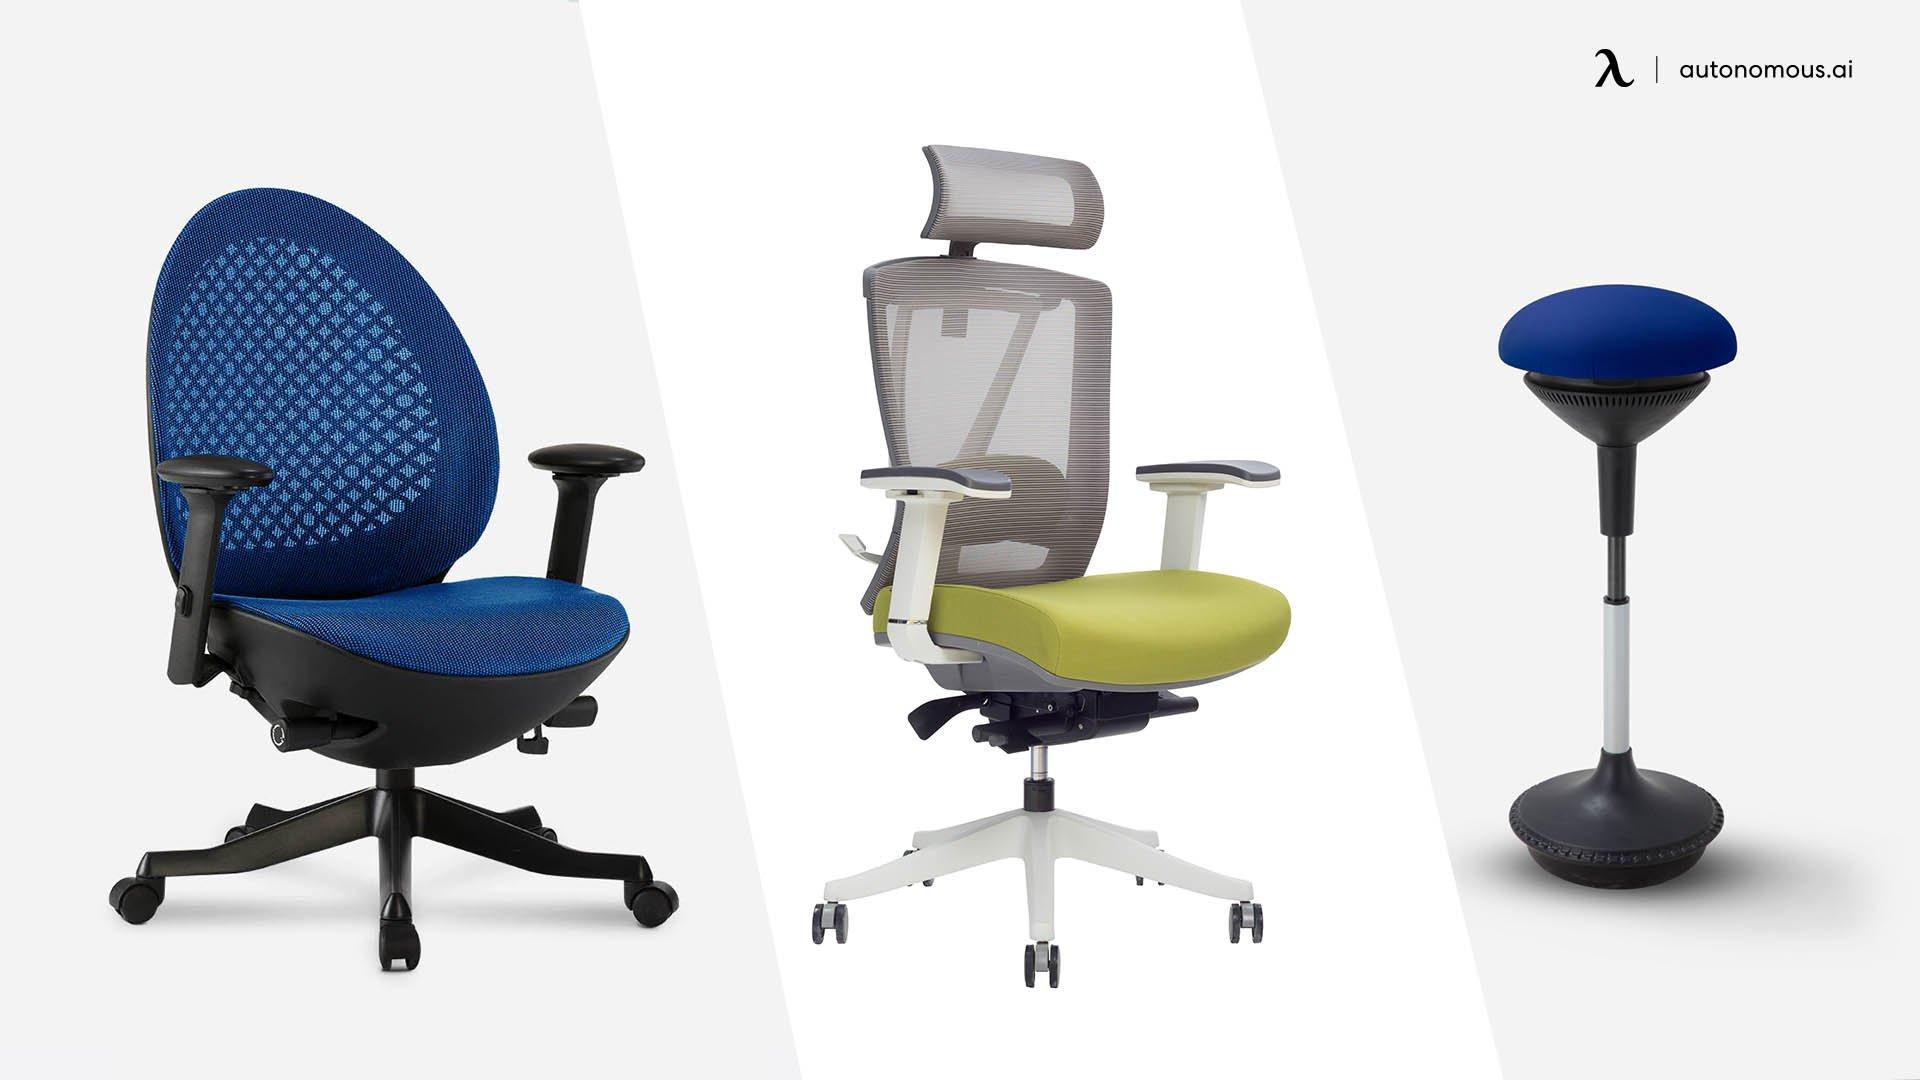 Ergonomic chair from Autonomous